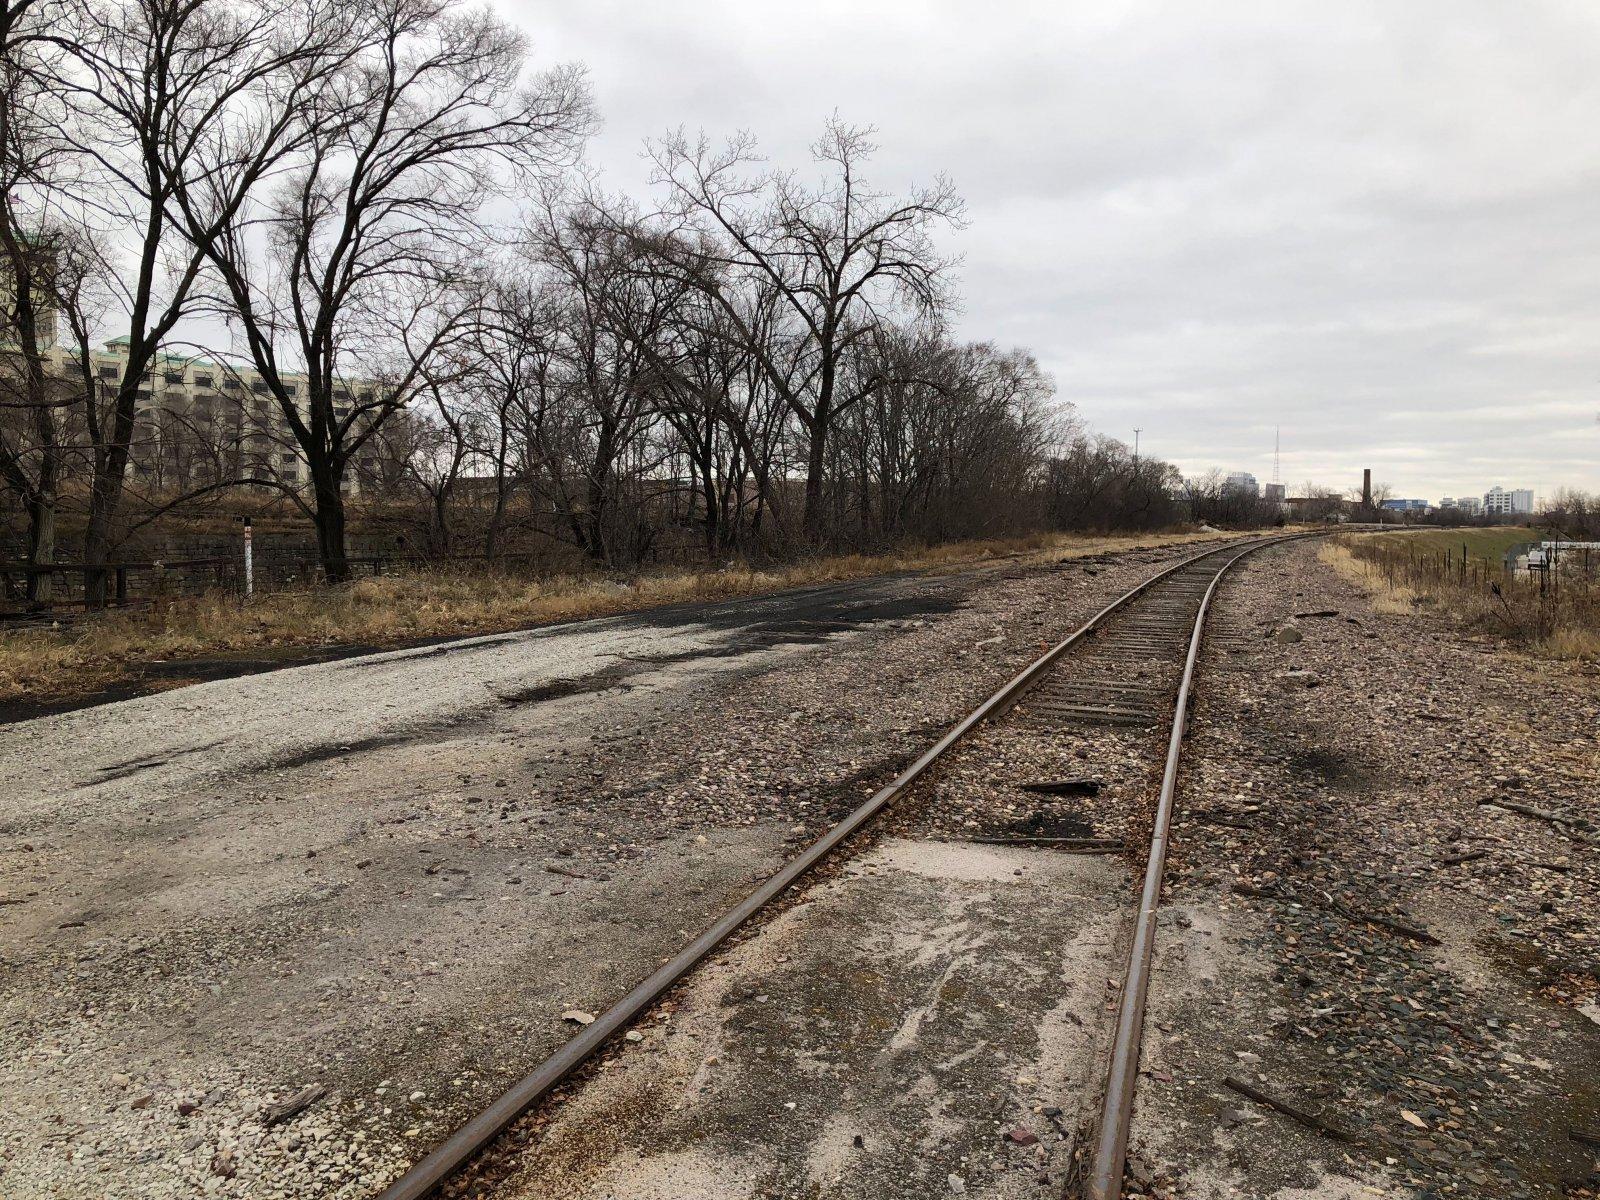 Union Pacific Railroad Tracks